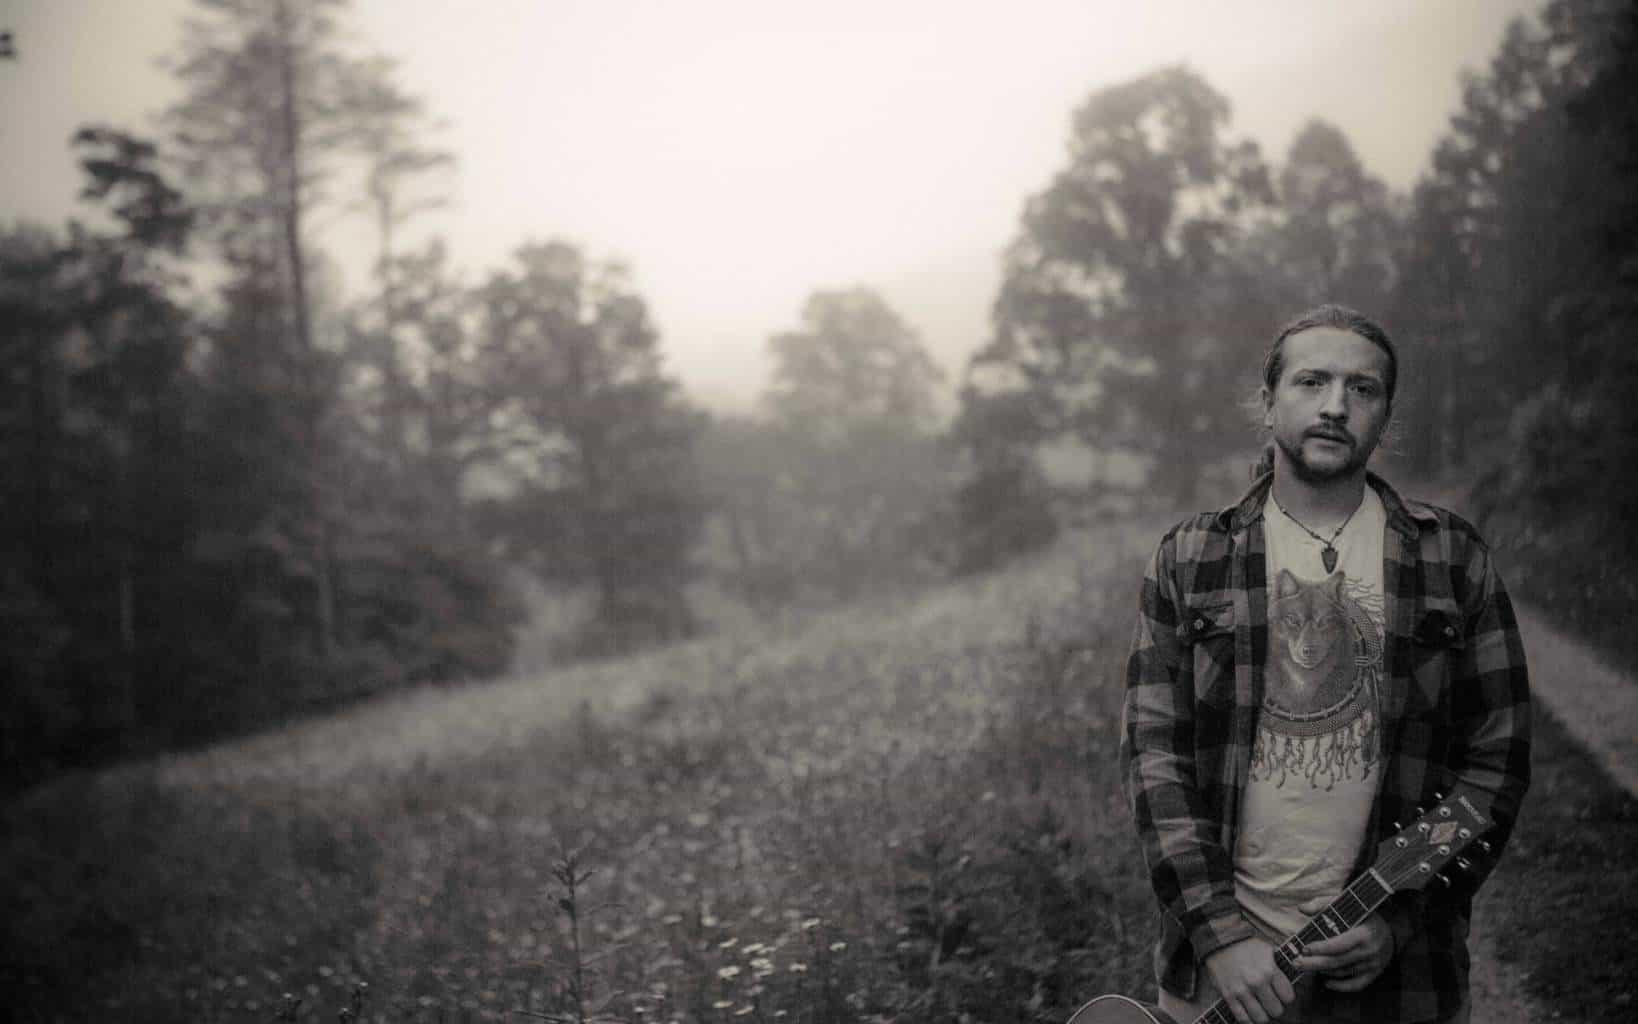 Meet the Musician – Tyler Childers